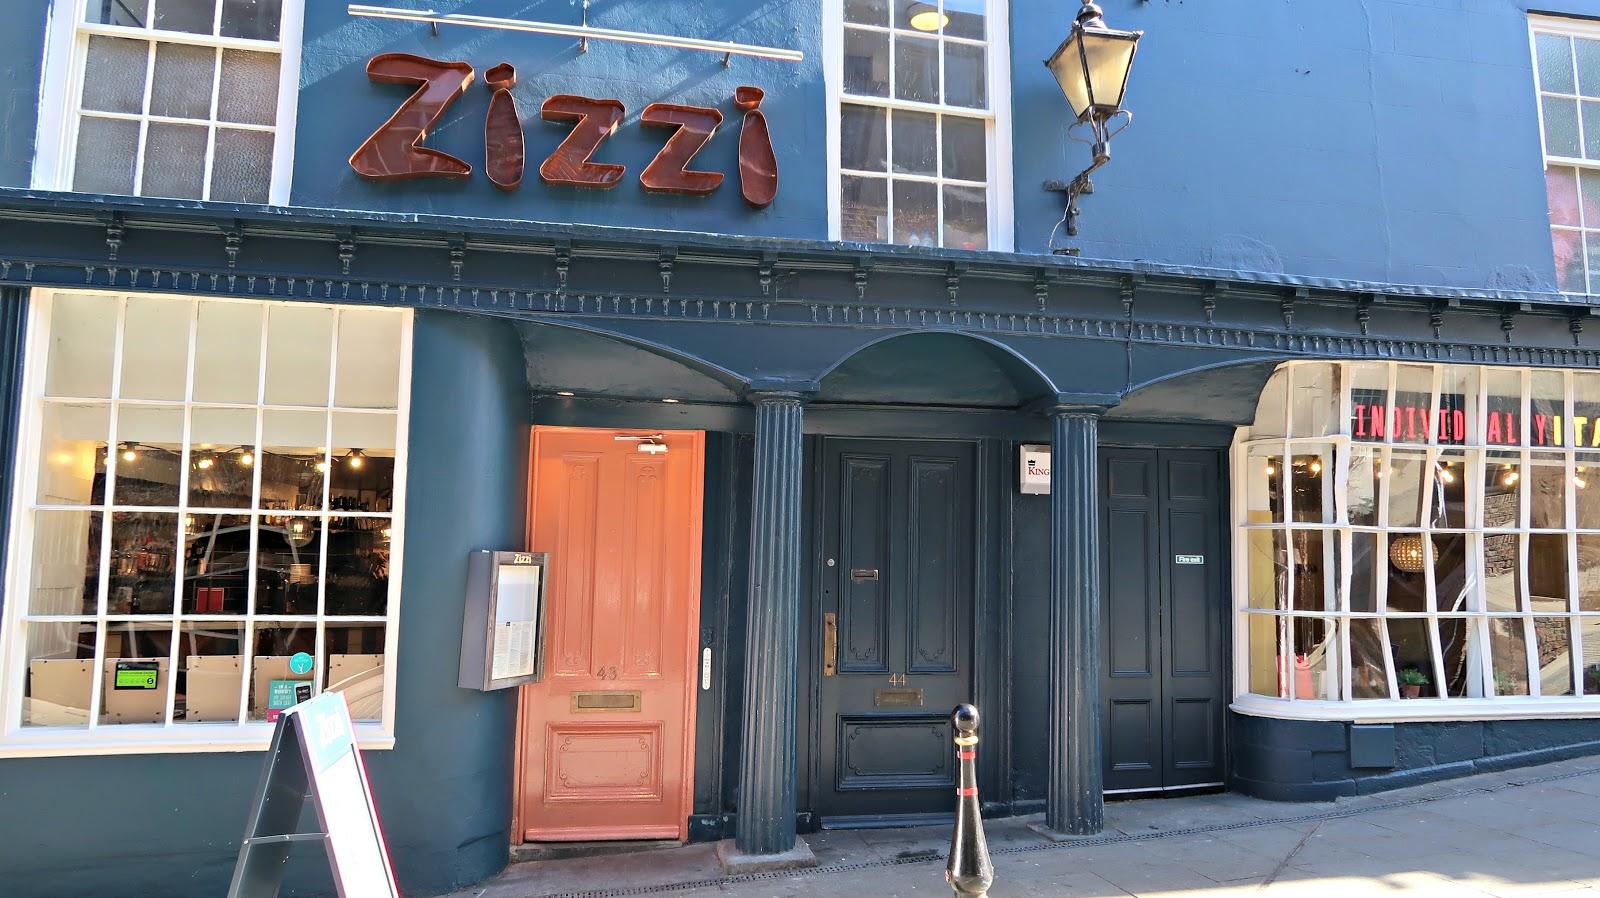 Zizzi Italian Restaurant Durham Aimee Lodge